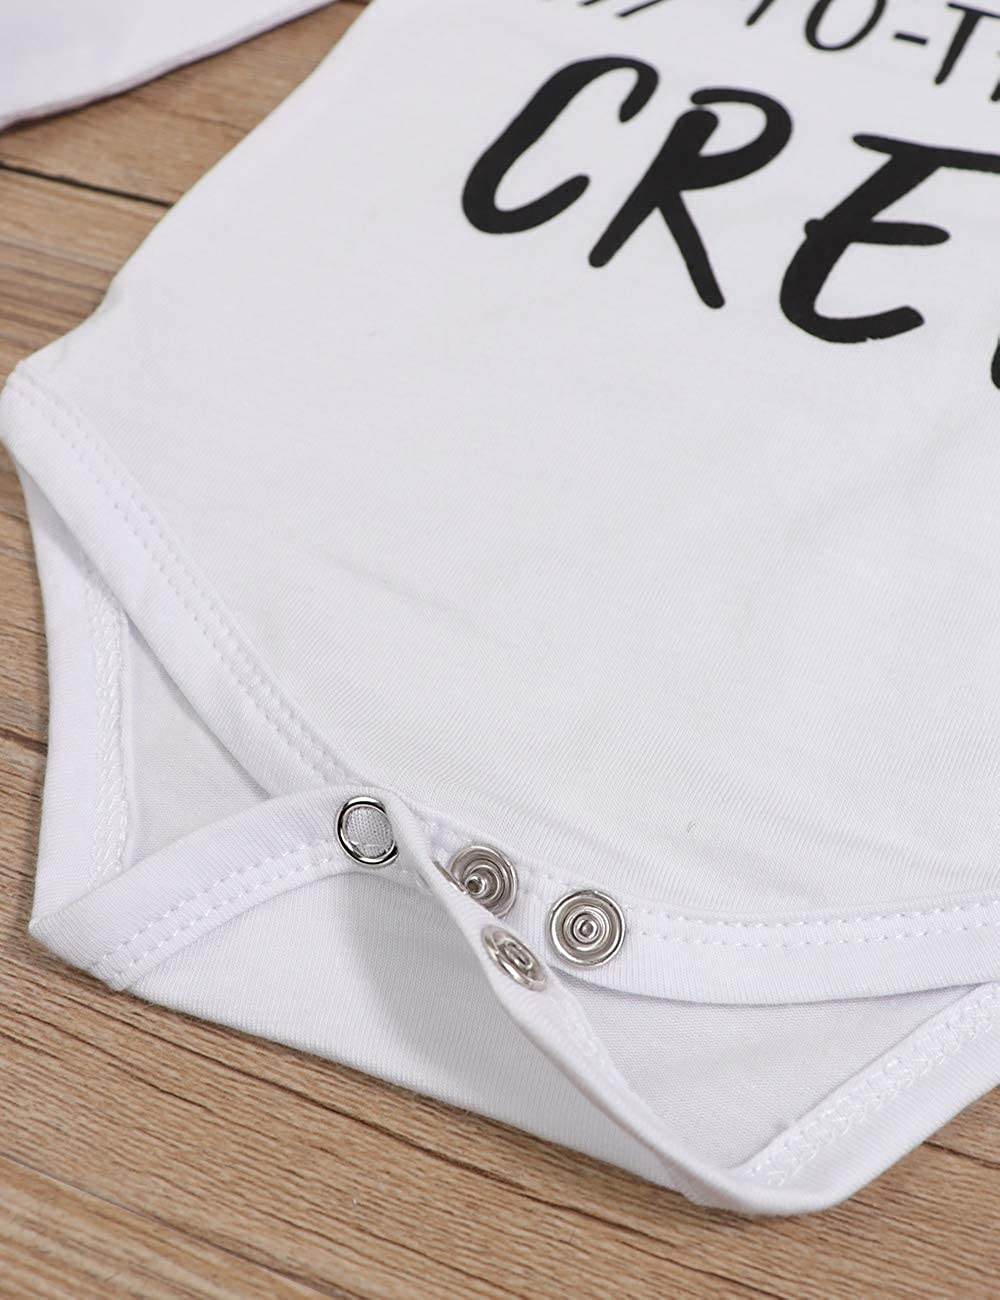 Sfuzwg Newborn Baby Boy Clothes Nuovo in Equipaggio 3 Pezzi Completi Pagliaccetto Cappello Autunno Inverno Set di Pantaloni mimetici